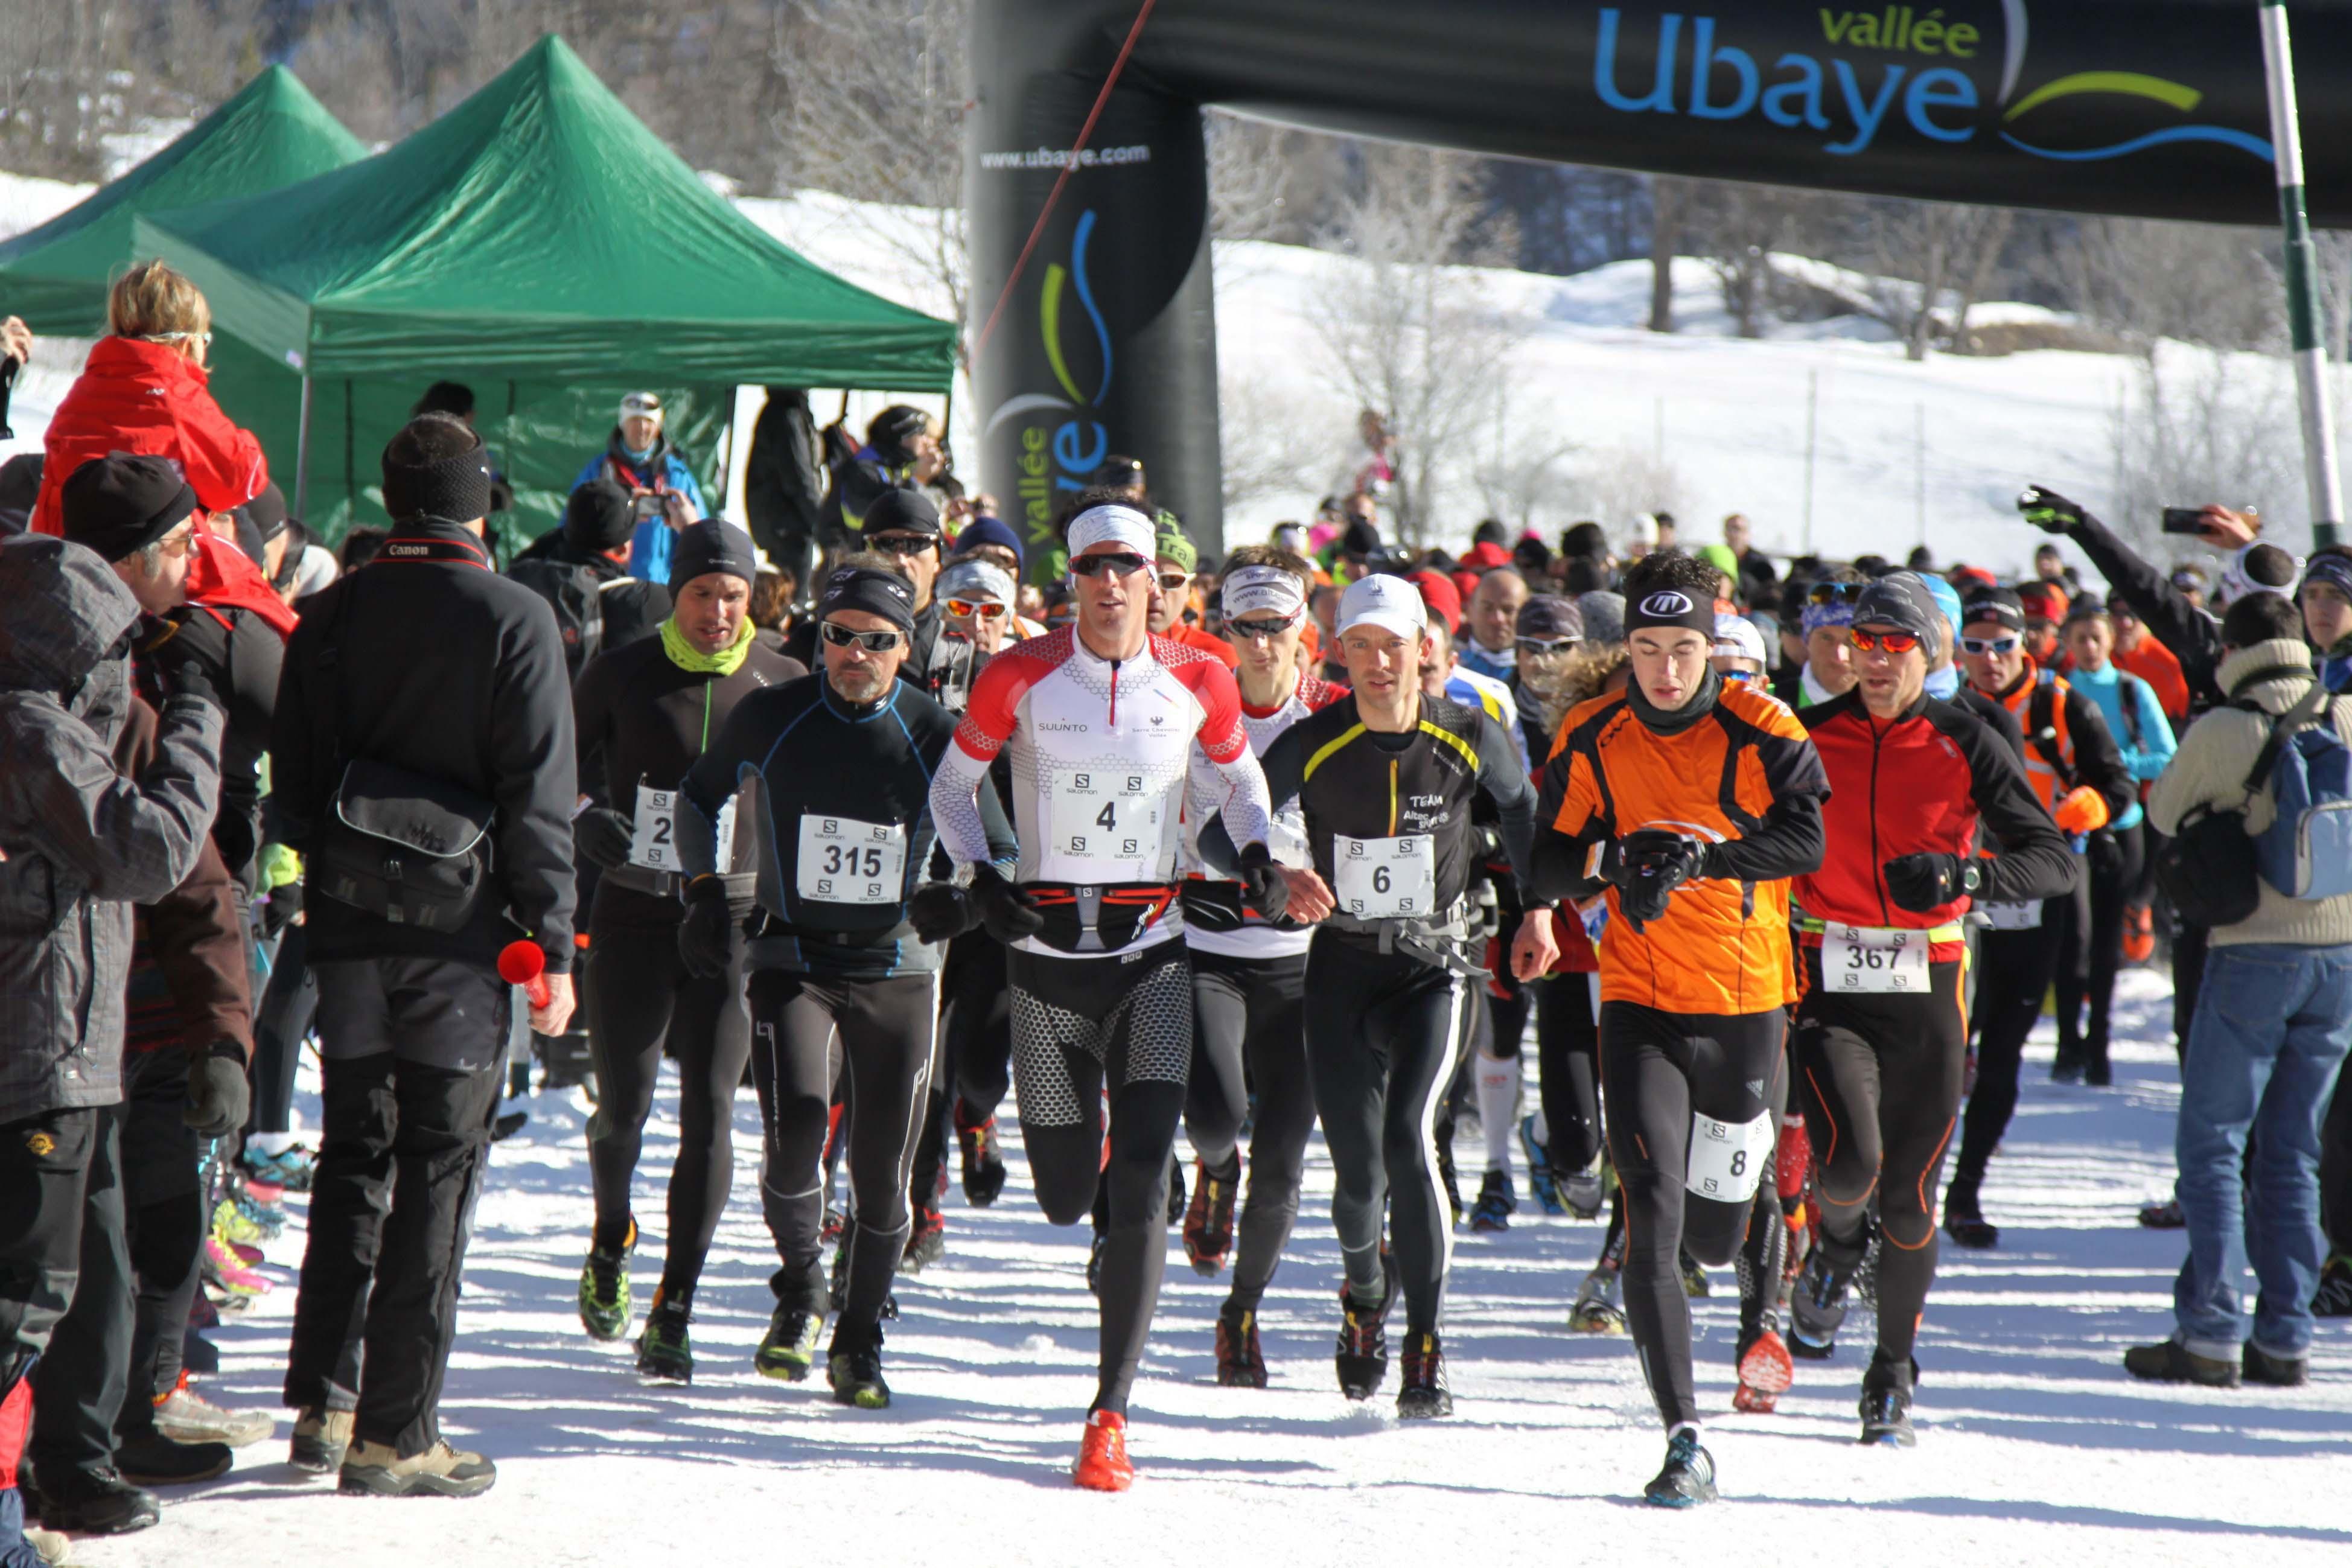 Ubaye Snow Trail Salomon classique du calendrier hivernal le 14 février